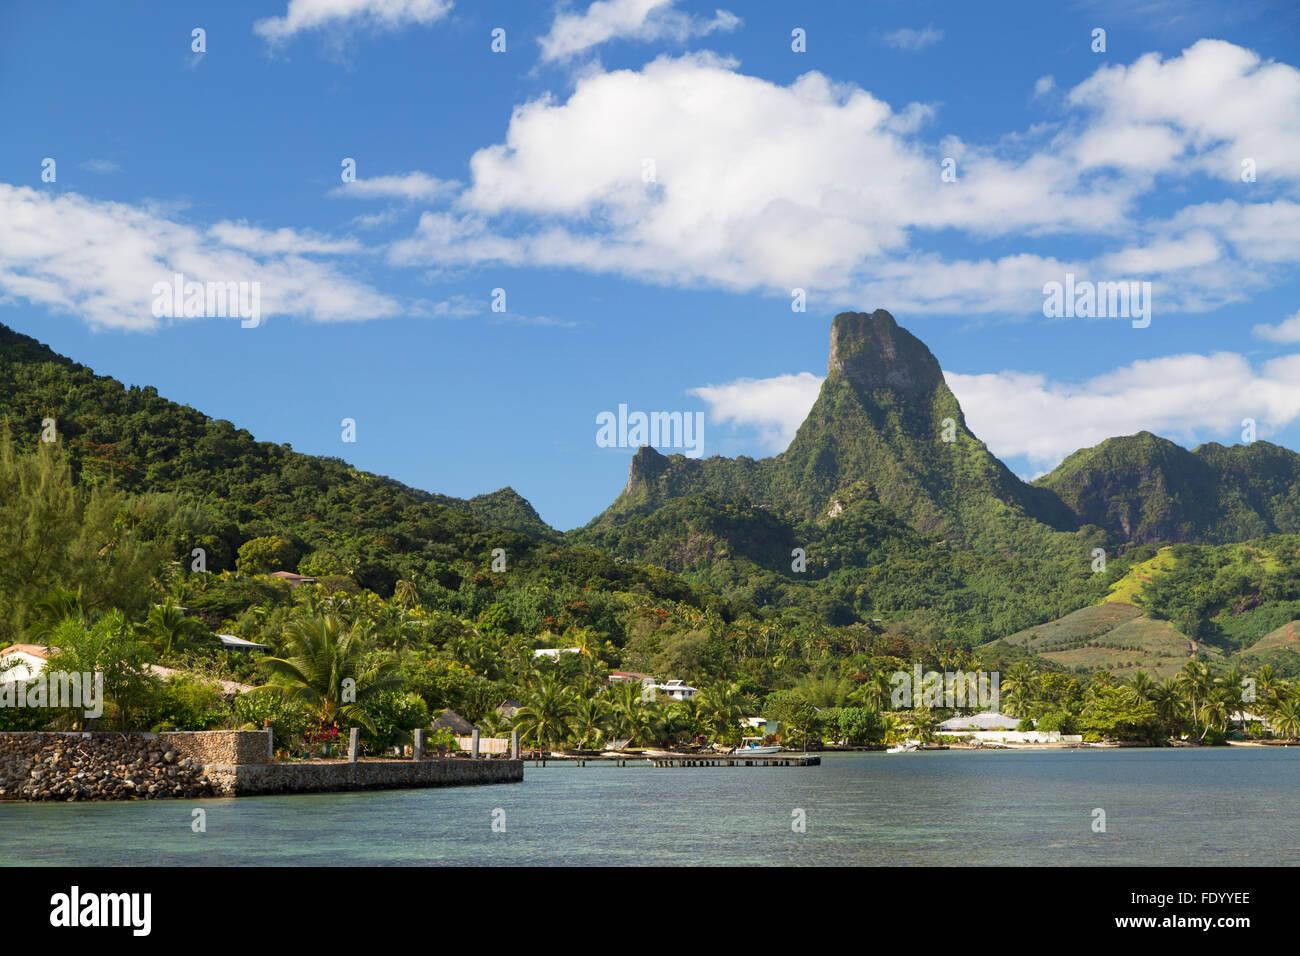 Cook's Bay, Mo'Orea, Isole della Società, Polinesia Francese Immagini Stock